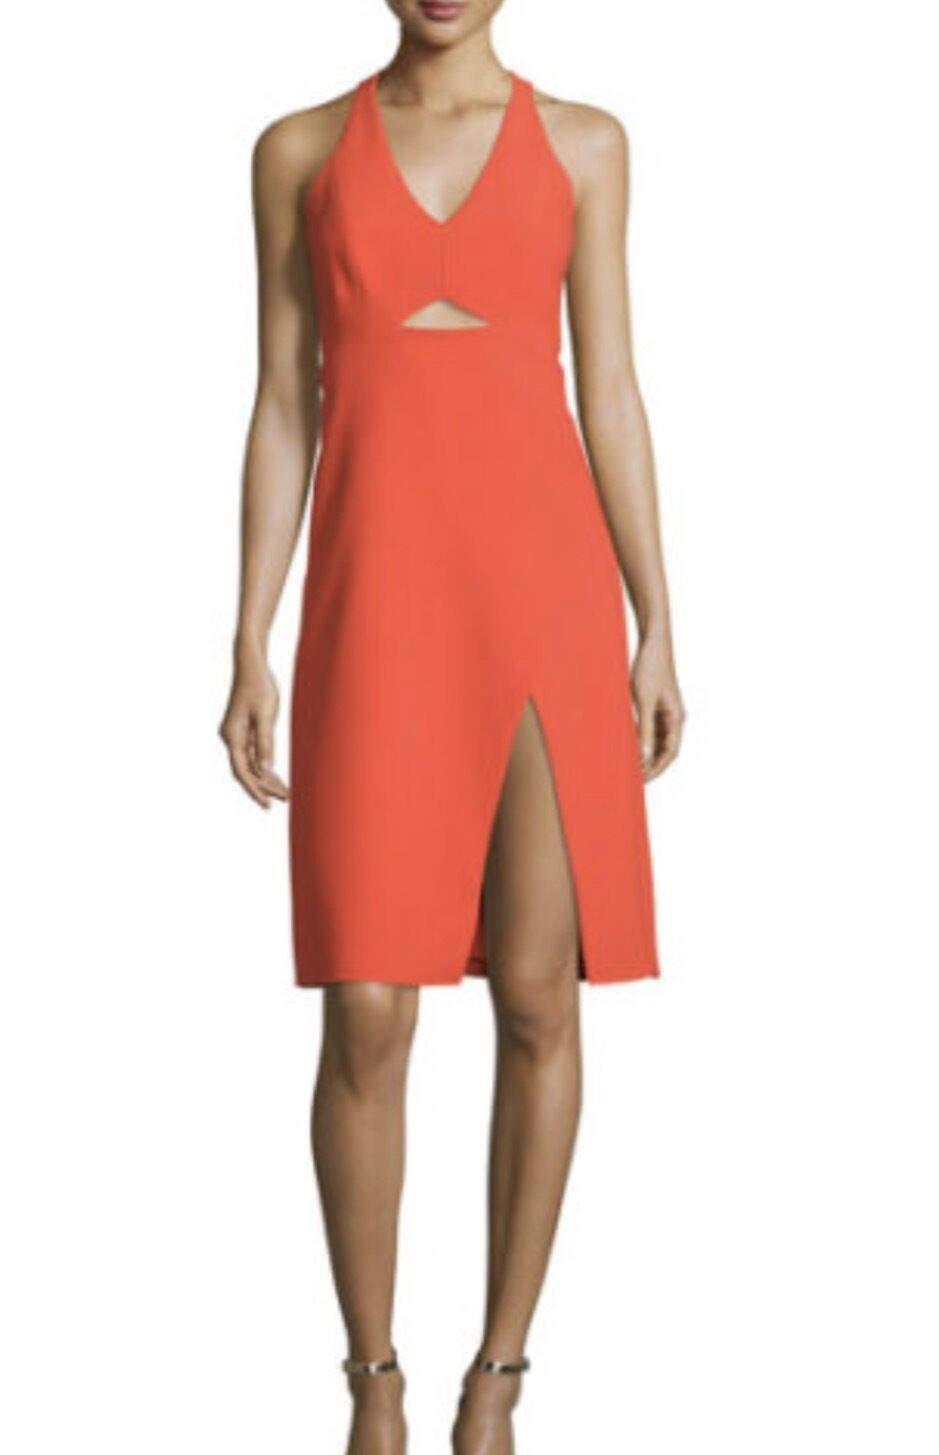 Available at Amazon: Halston Heritage Sleeveless V-Neck Sheath Dress with Side Slit Orange Size 8